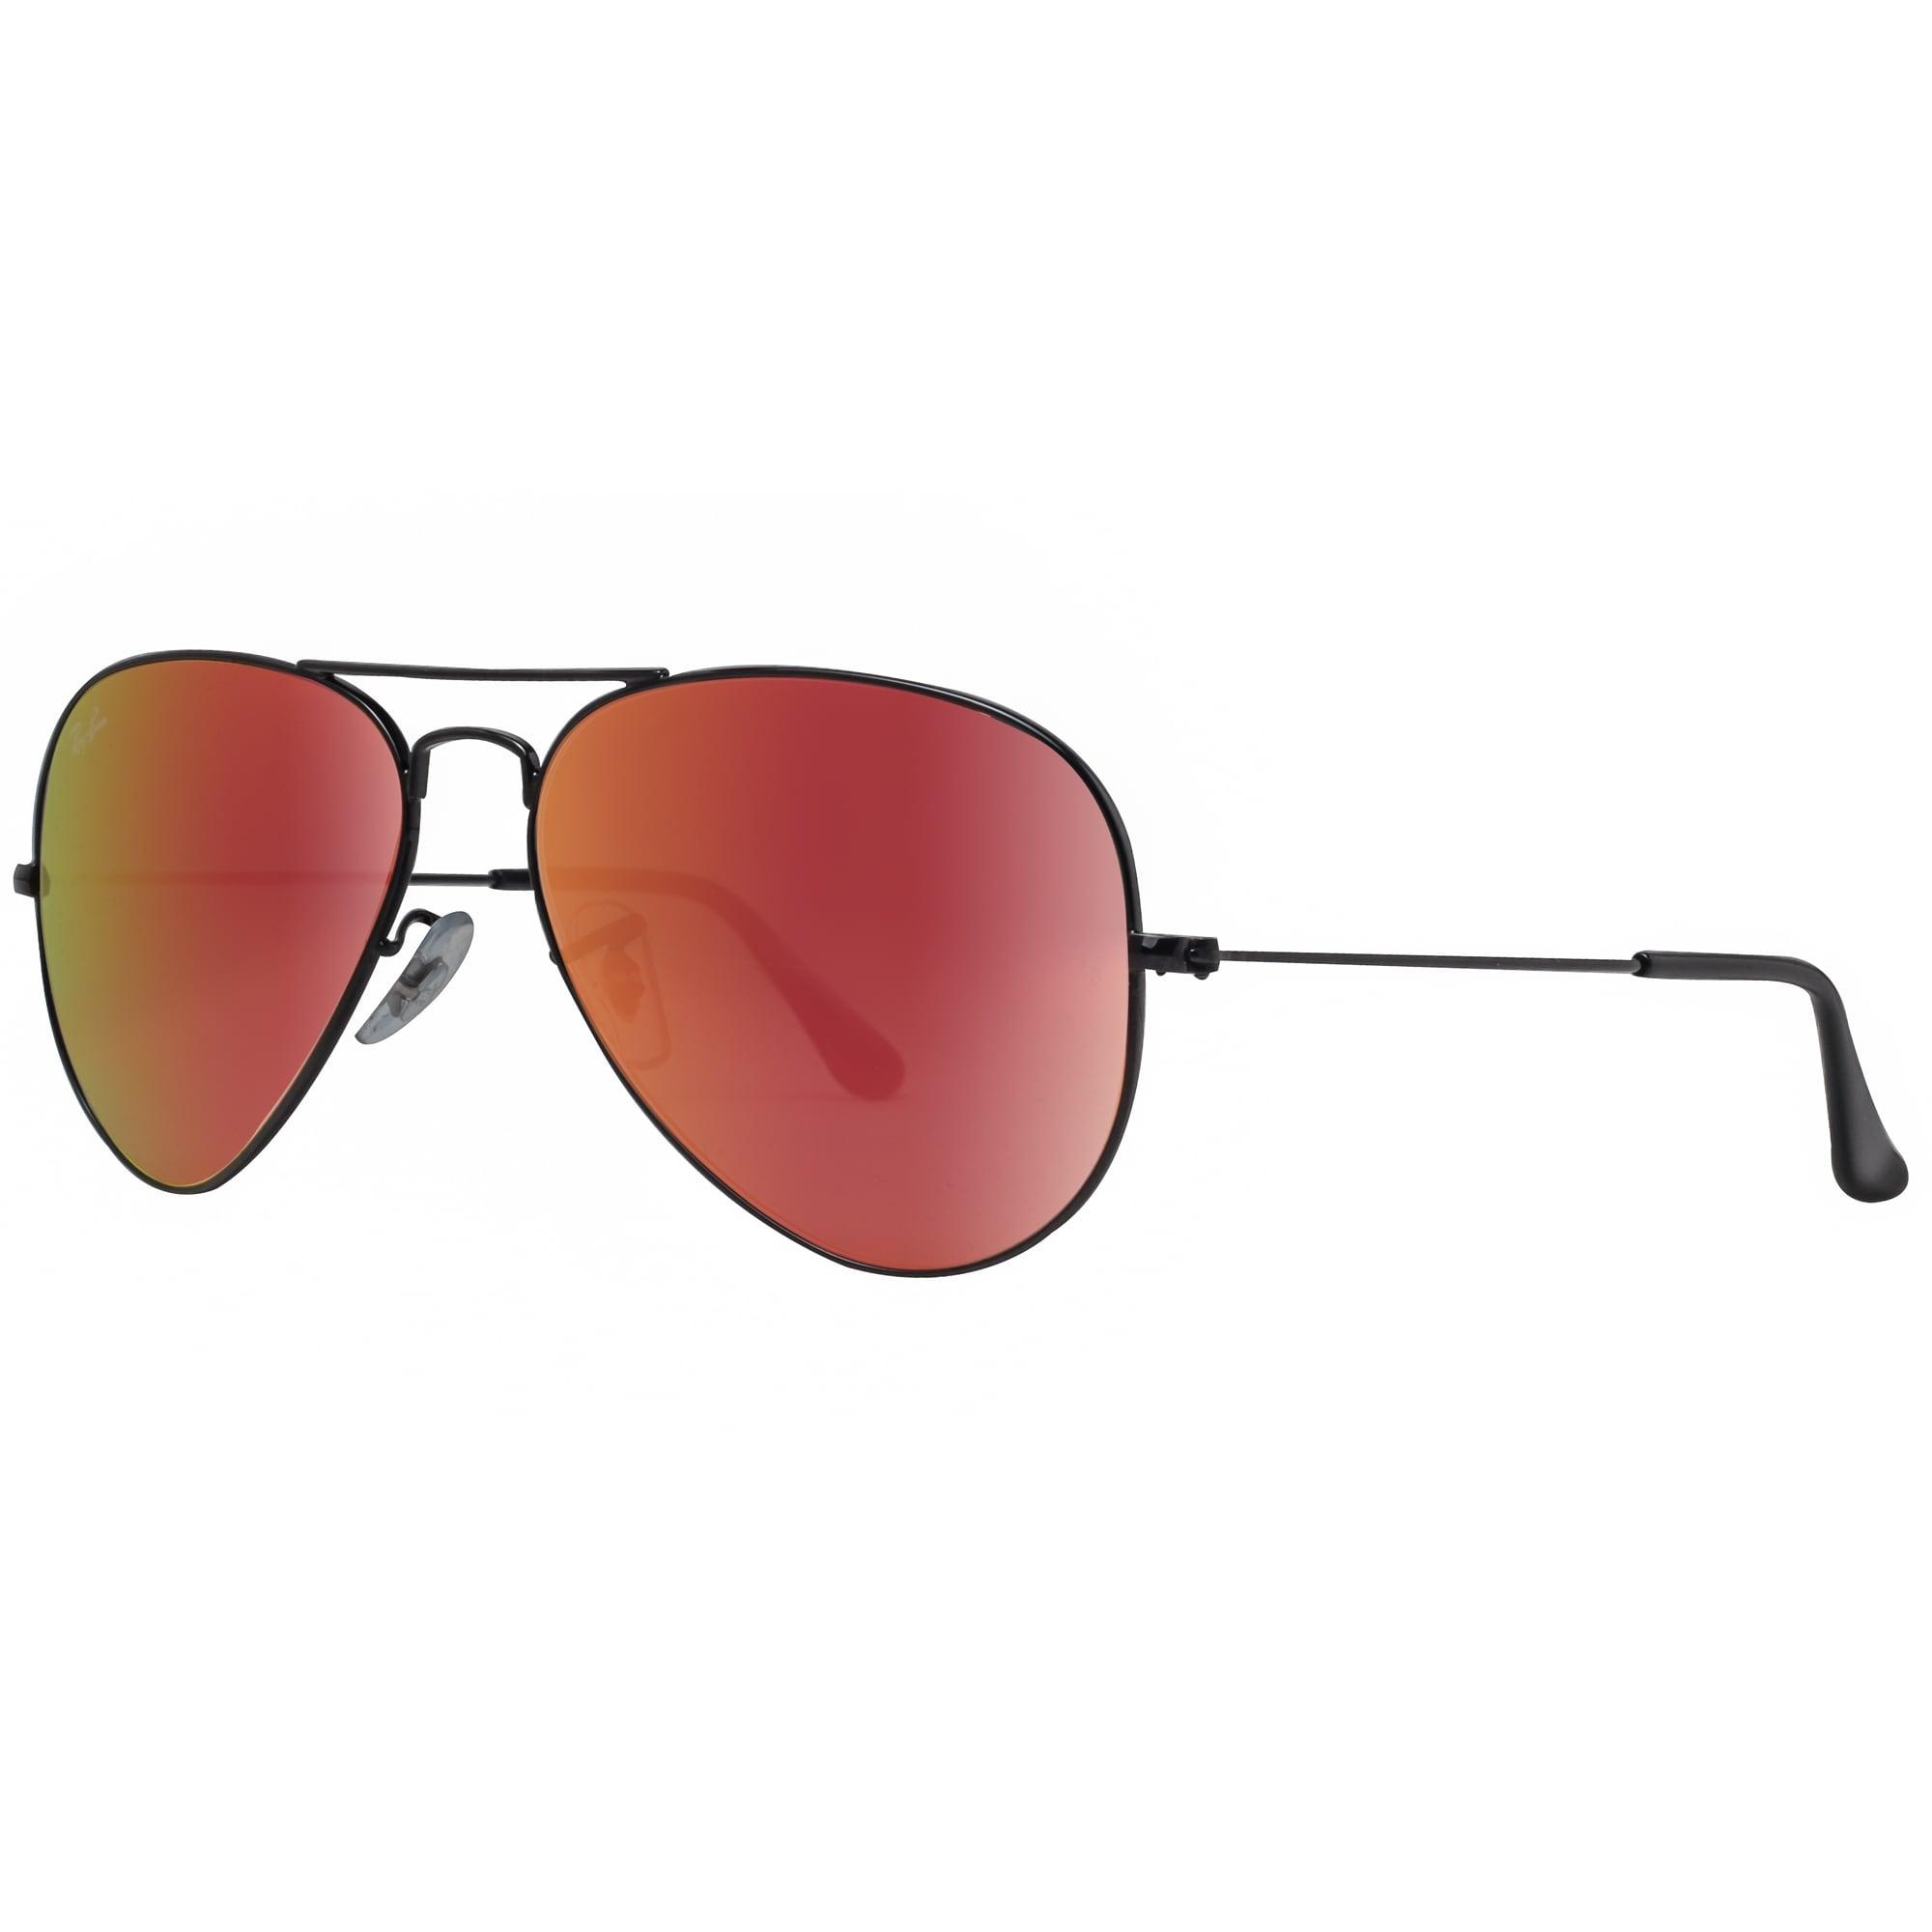 Ray-Ban RB3025 Sonnenbrille Schwarz 002/4W 58mm GQmtFxKGAs